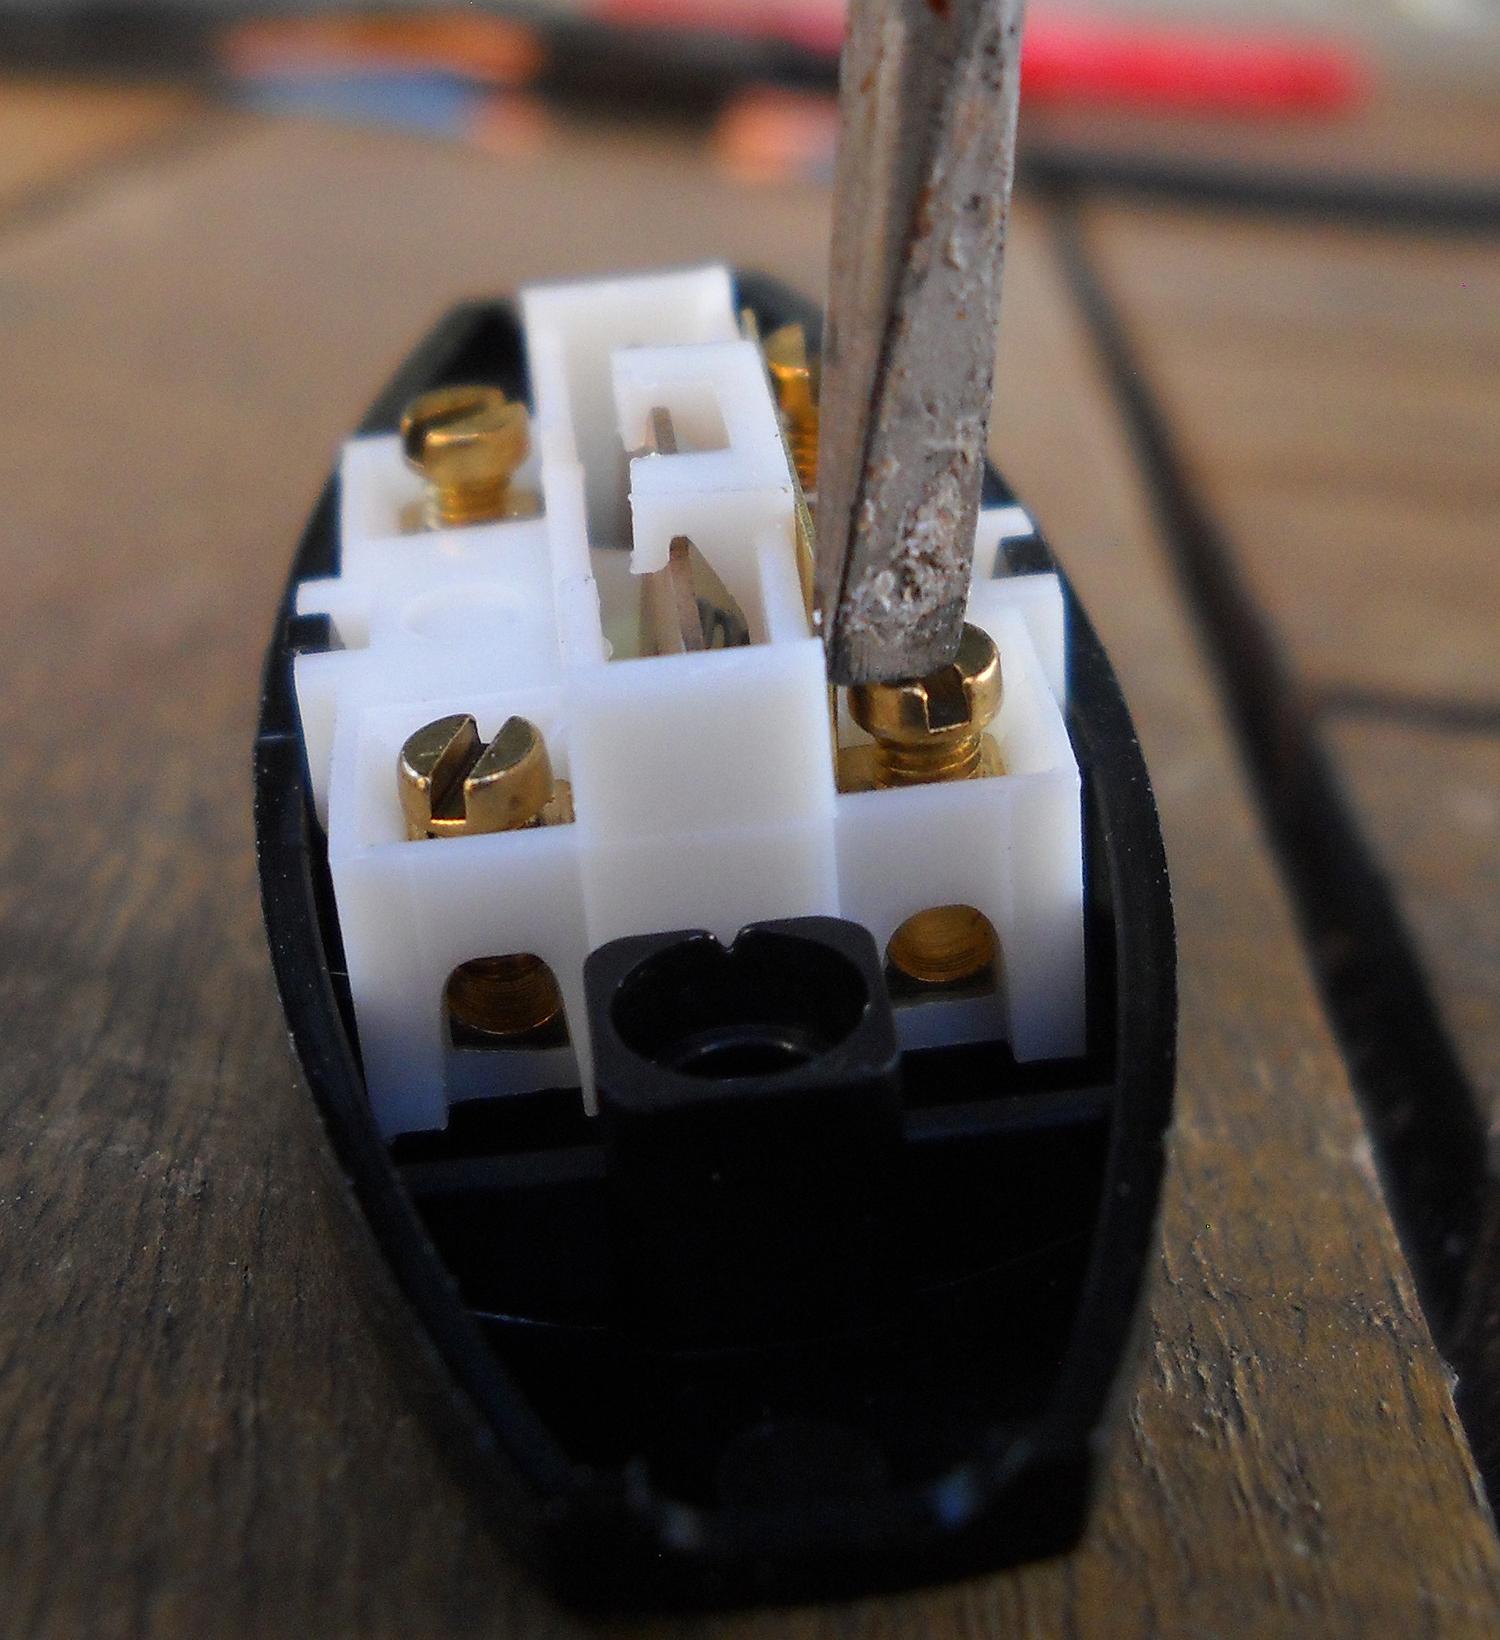 Lampe Bois Flotte Ikea : Costumiser une lampe Ik?a